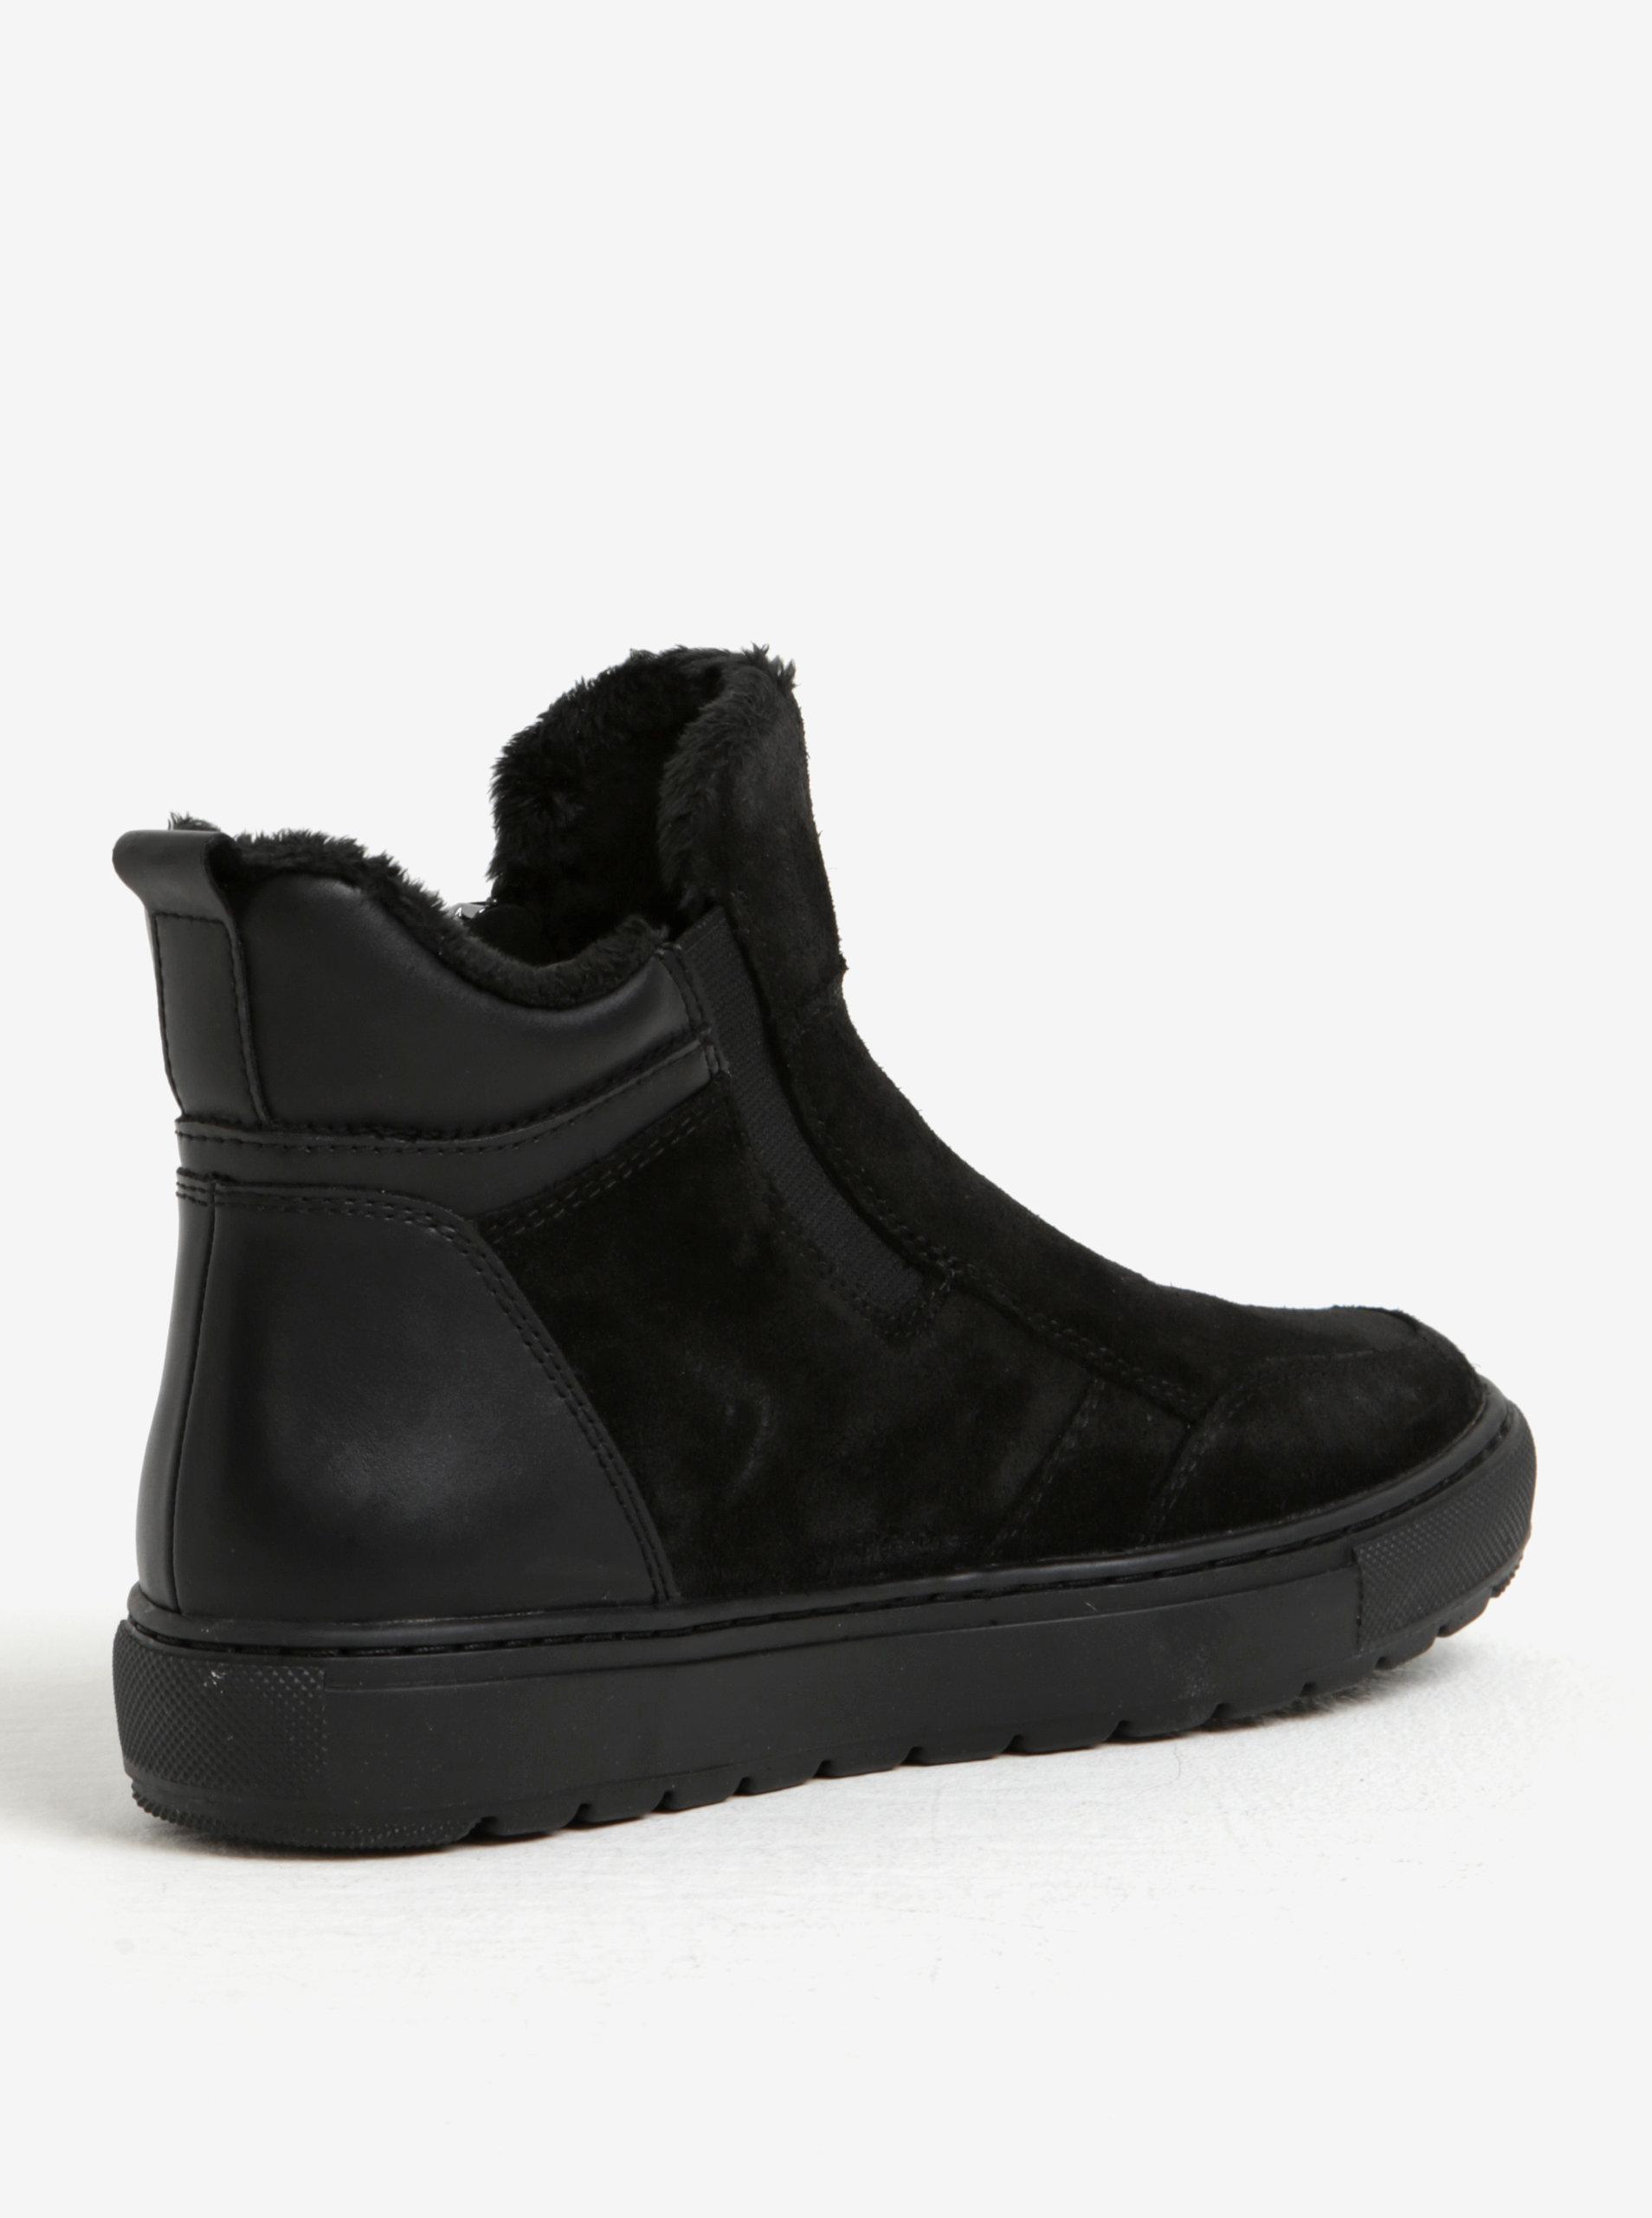 2f7f10973a2 Černé dámské zimní semišové kotníkové boty Geox Breeda ...